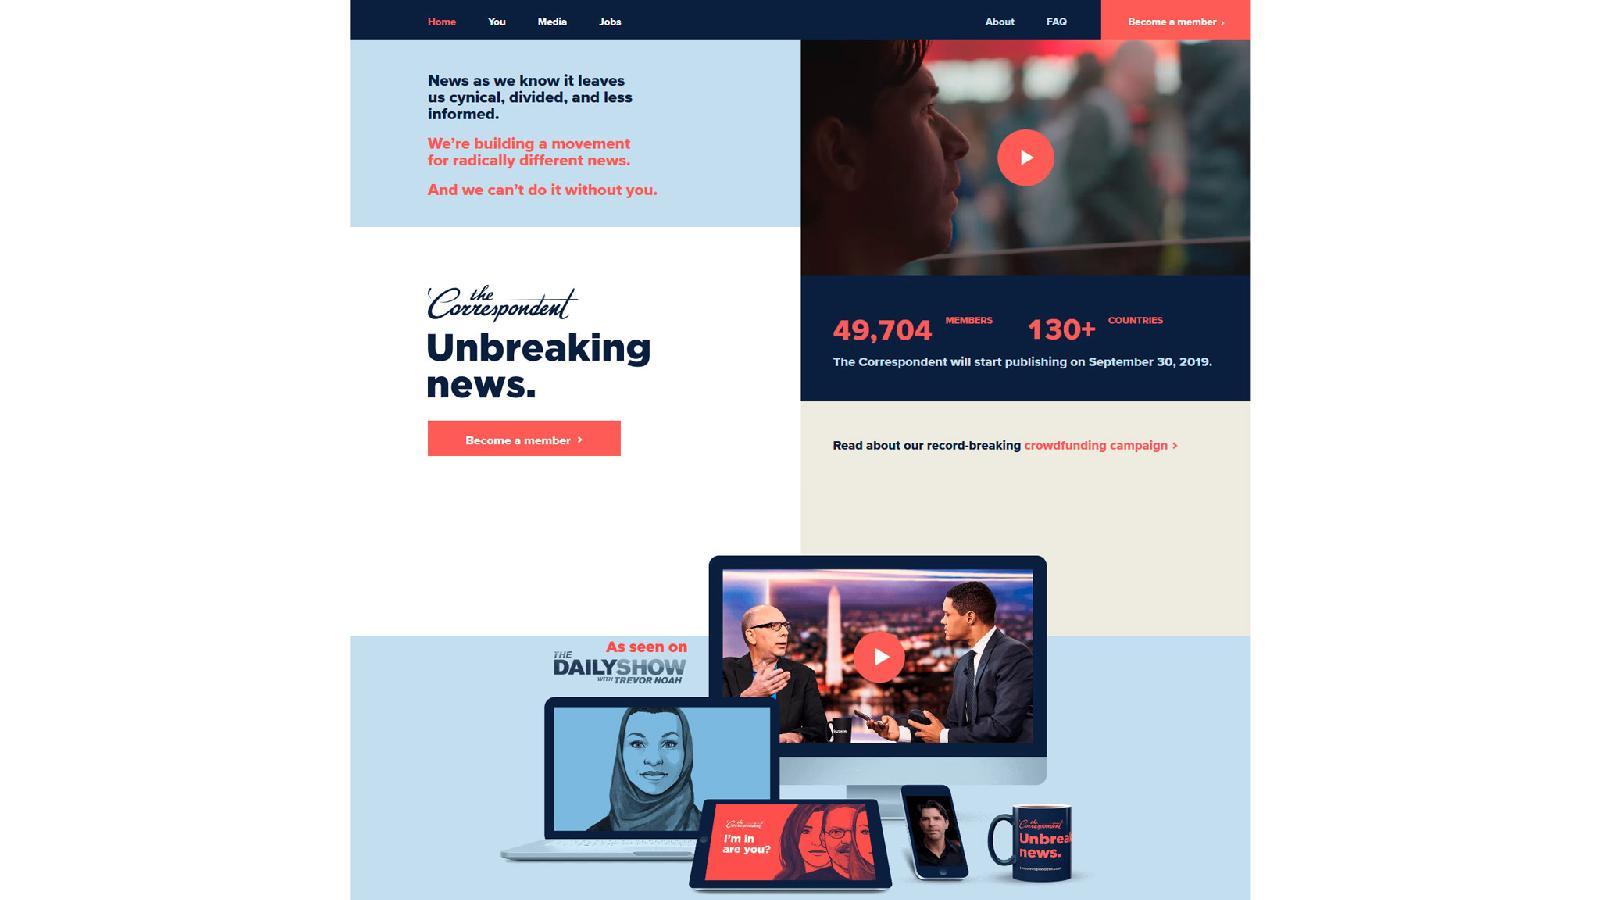 Англоязычная платформа «несрочных новостей» The Correspondent начнет работу вполноформатном режиме 30 сентября 2019года